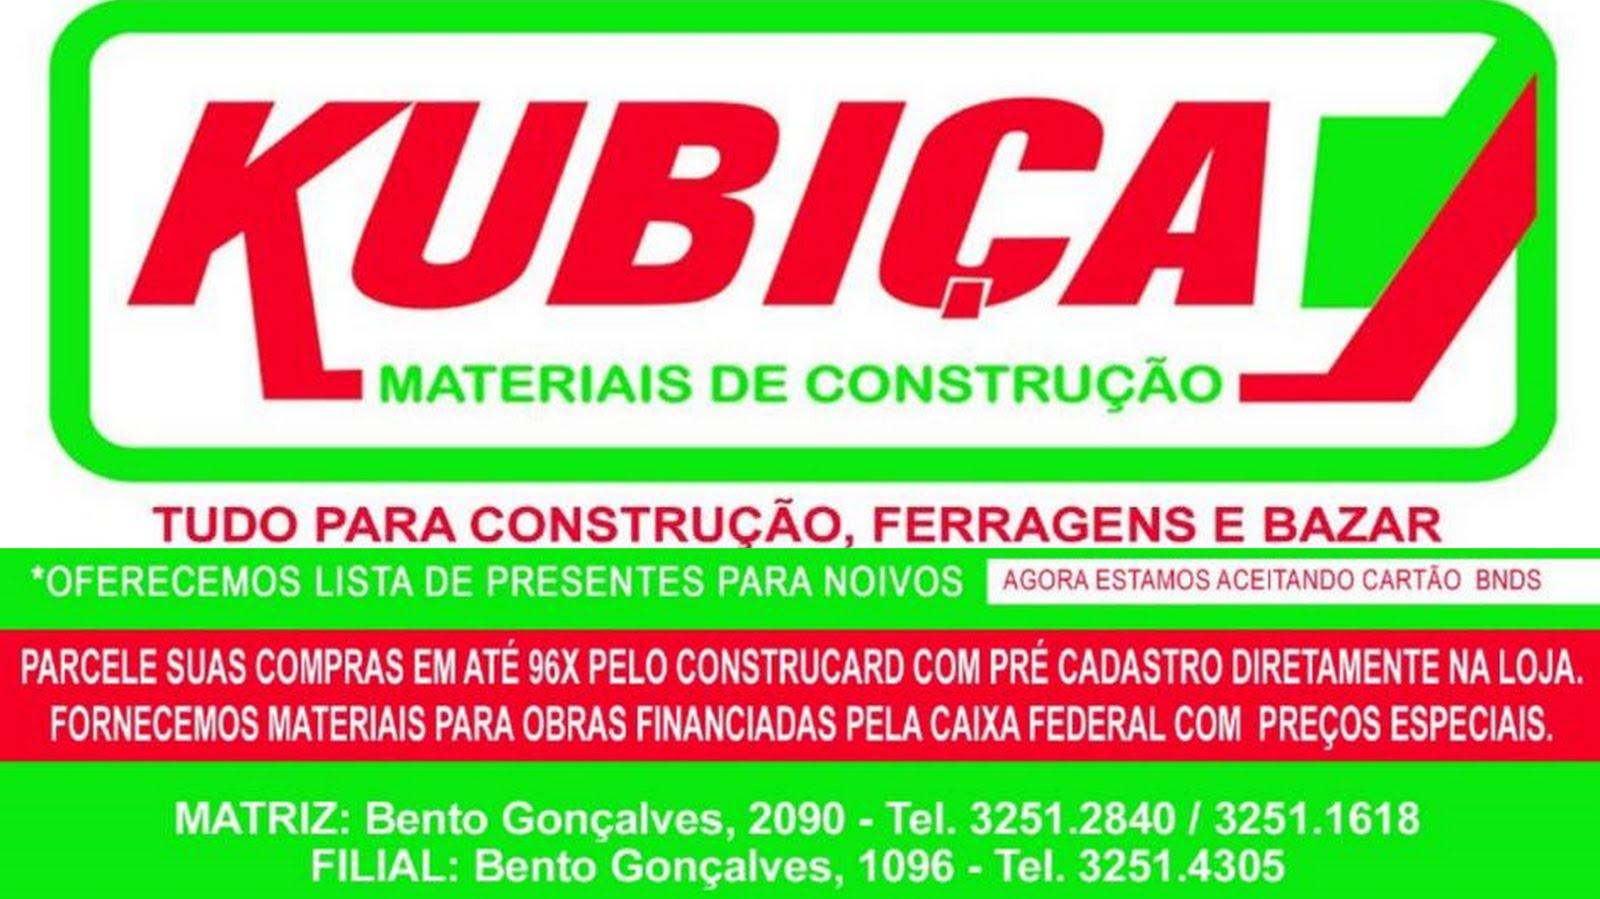 Kubiça Materiais de Construção